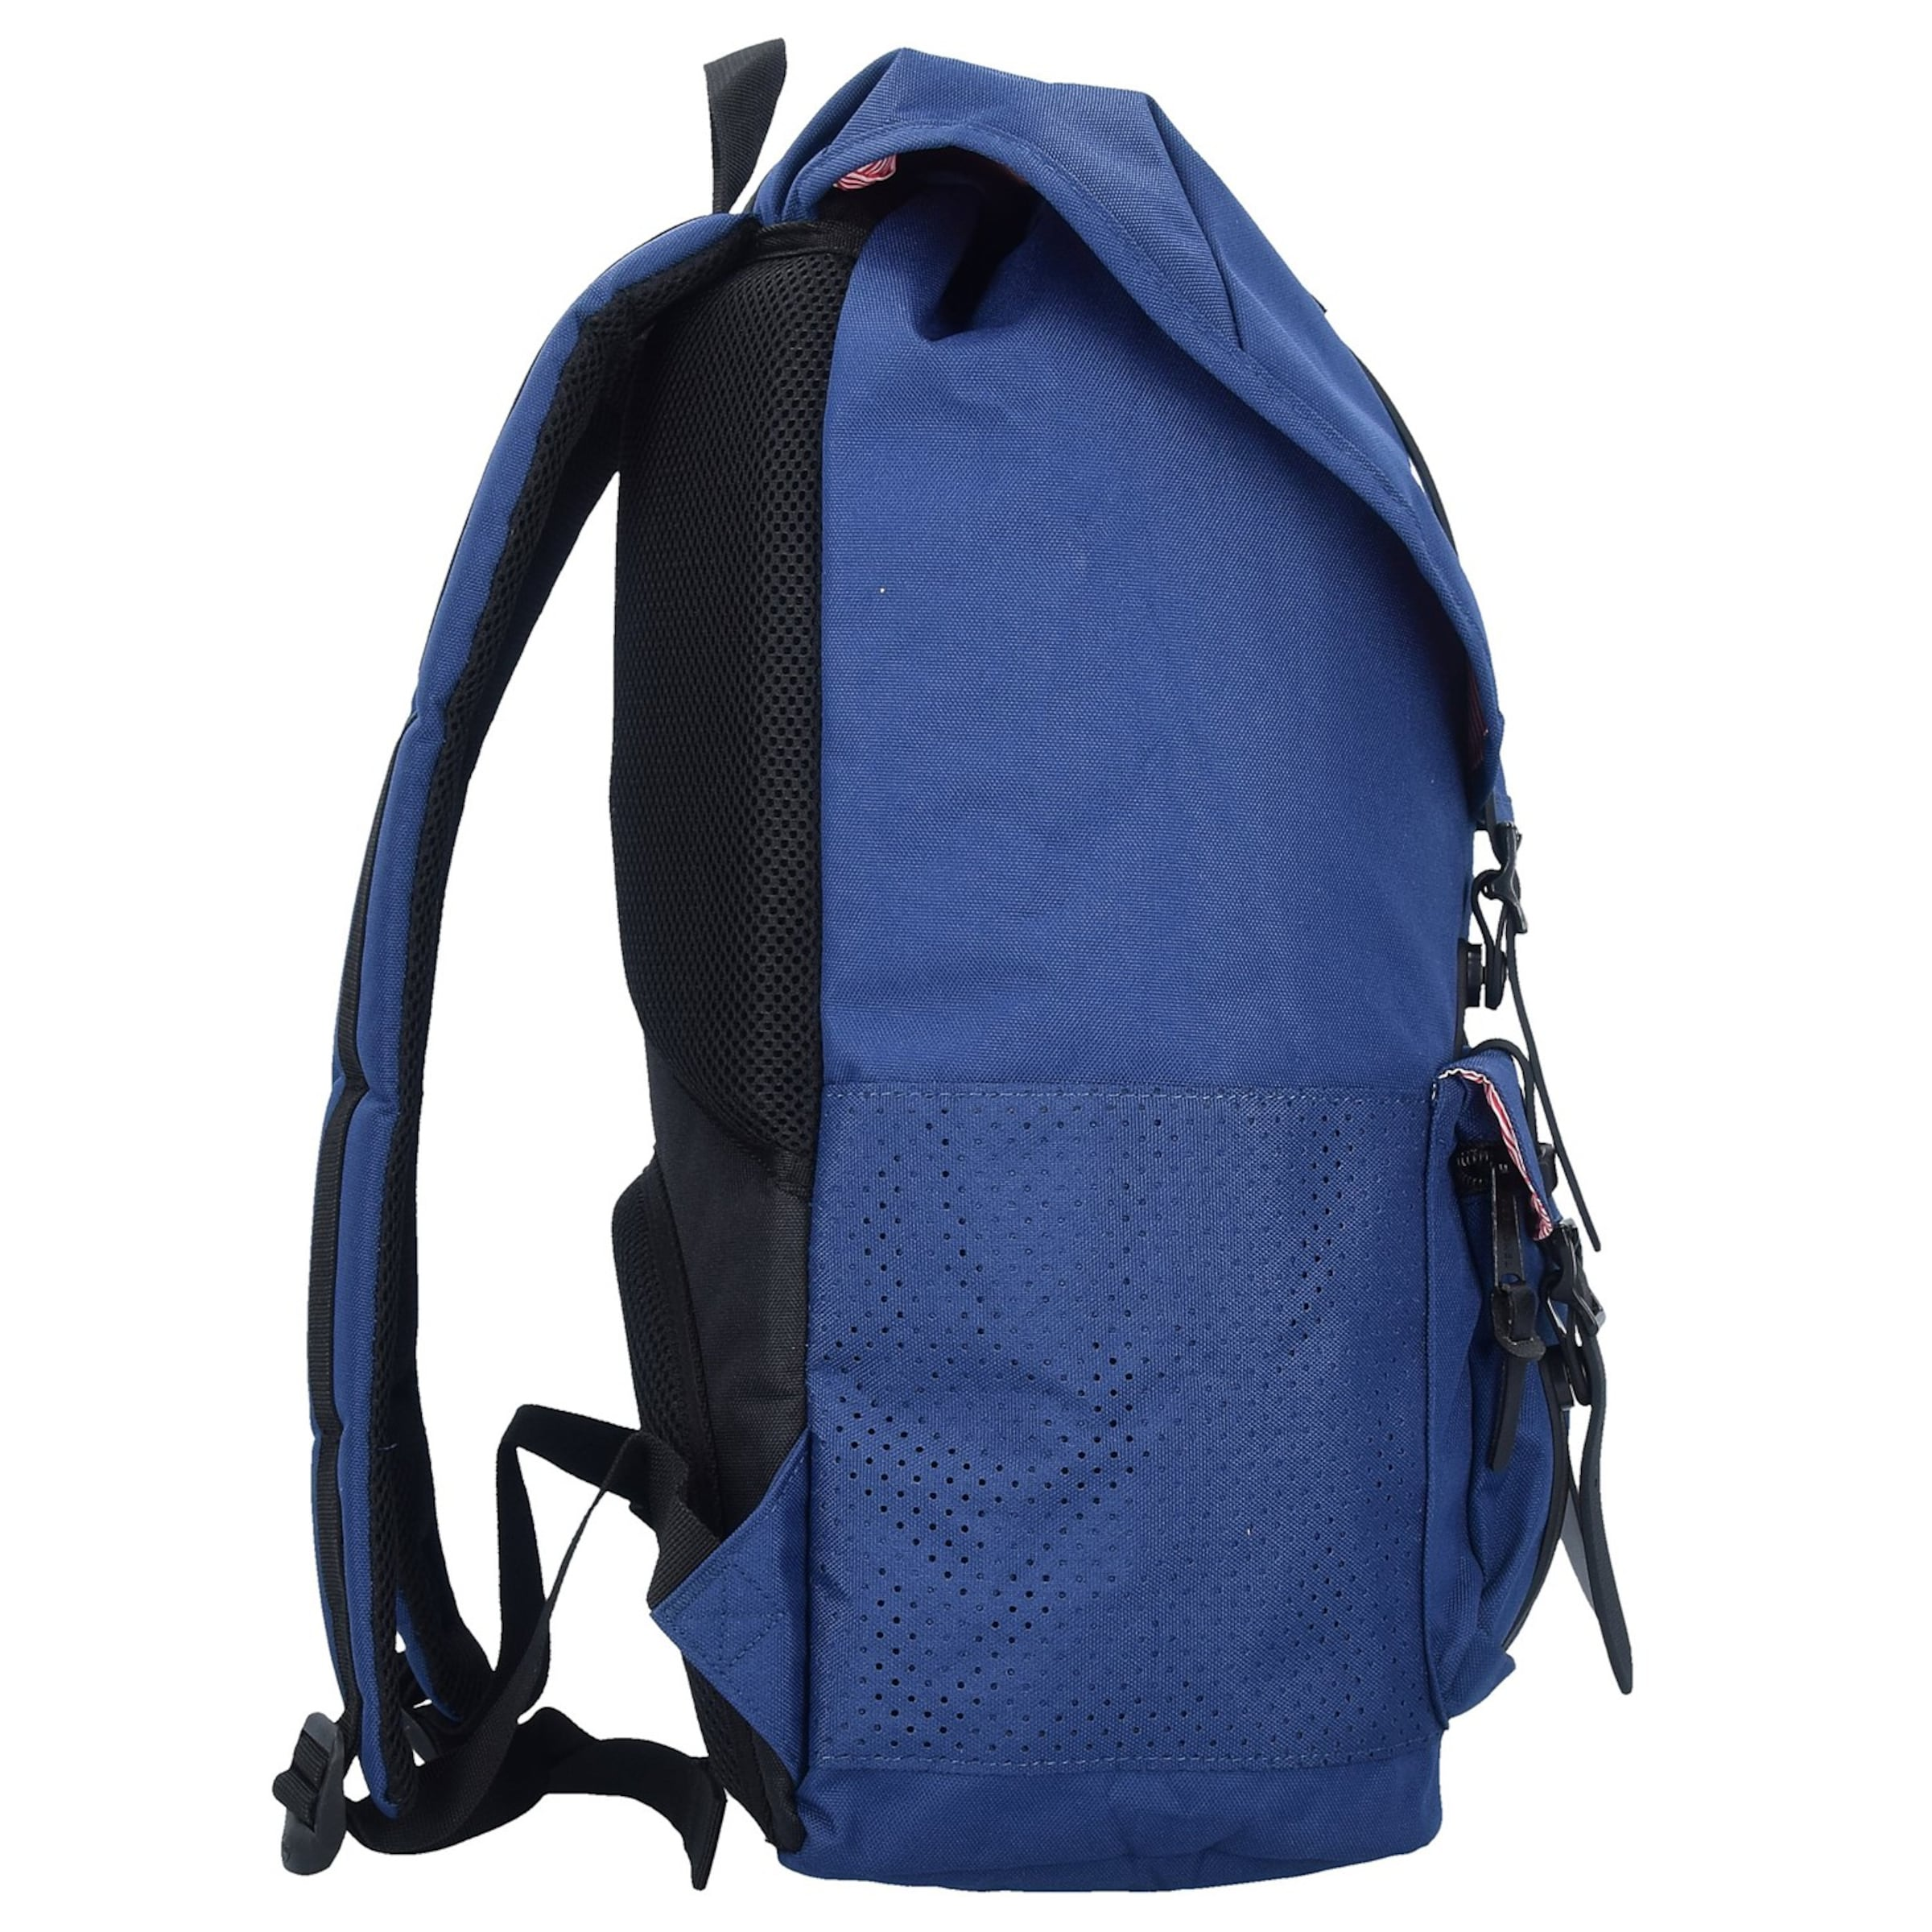 Mode Online-Verkauf Hochwertige Billig Herschel Little America 17 Backpack Rucksack 52 cm Laptopfach Erschwinglich 4ZH3v